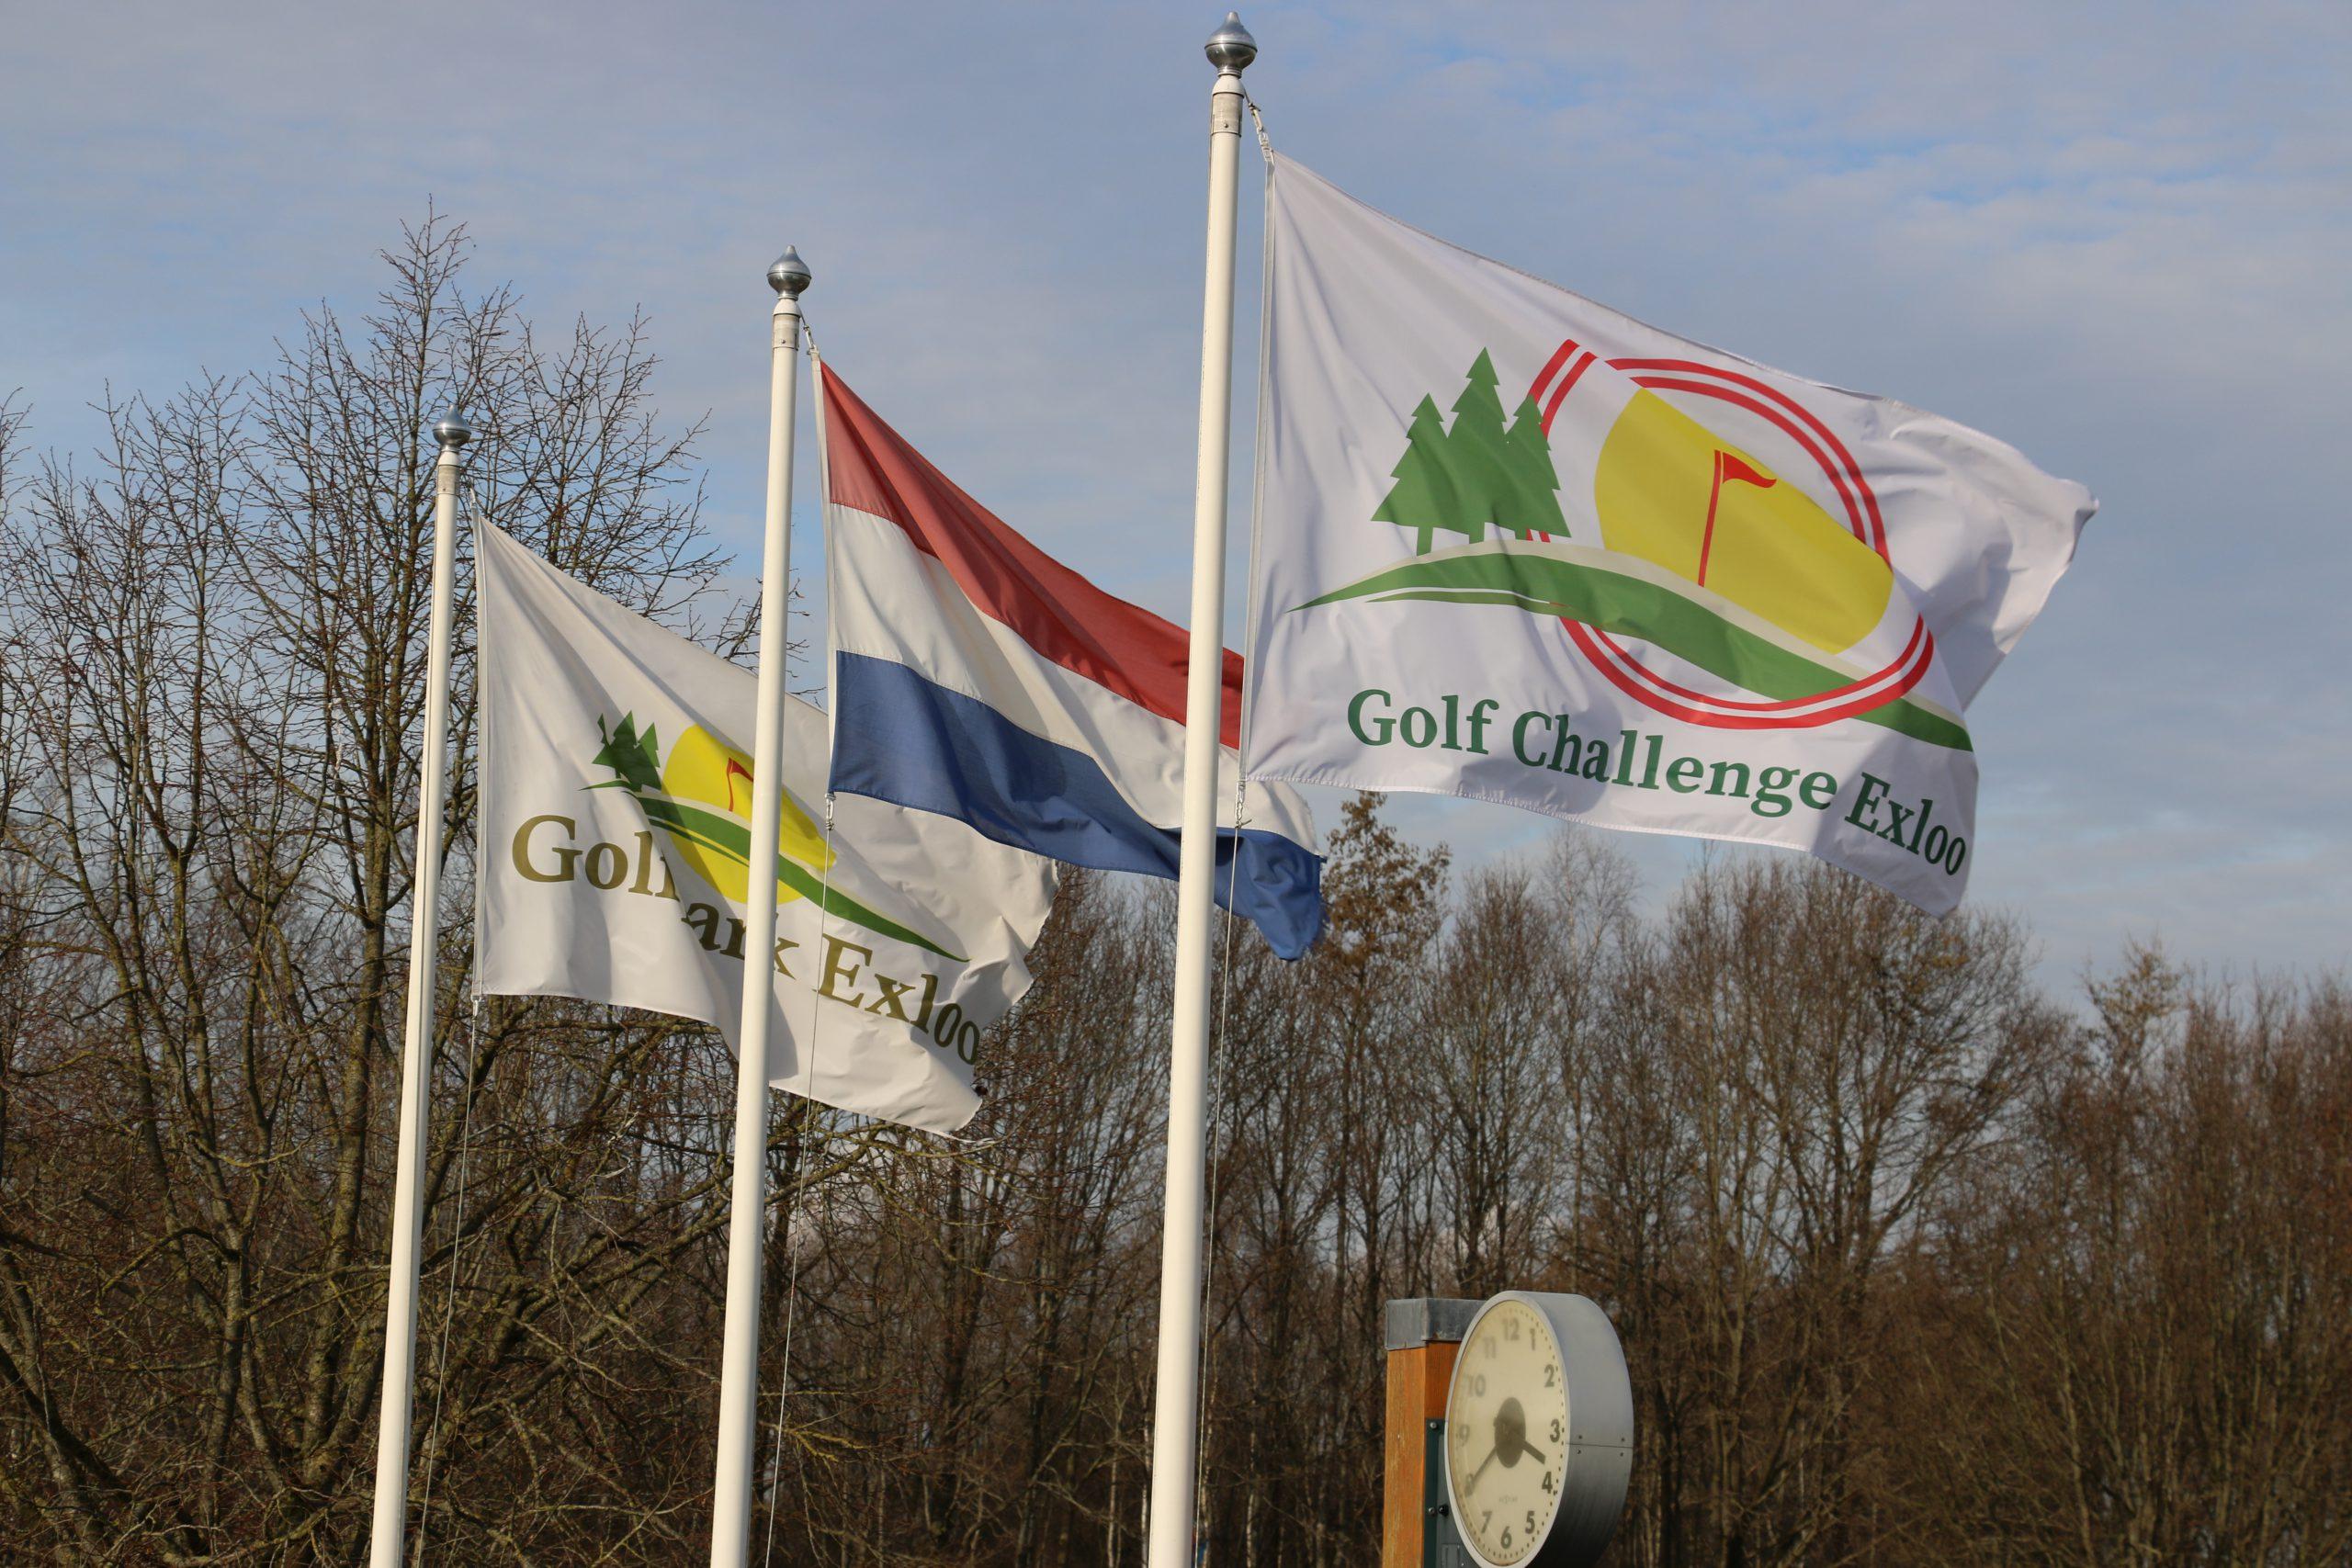 Golfclub Exloo (183)